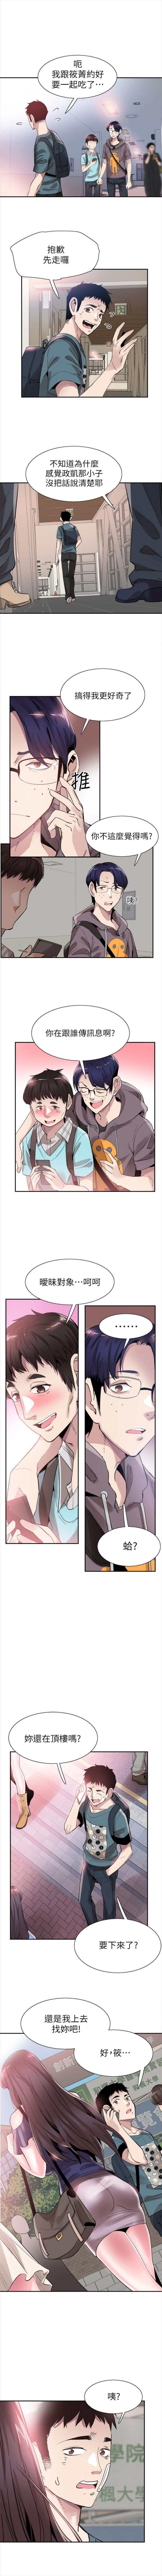 (週7)校園live秀 1-50 中文翻譯(更新中) 294